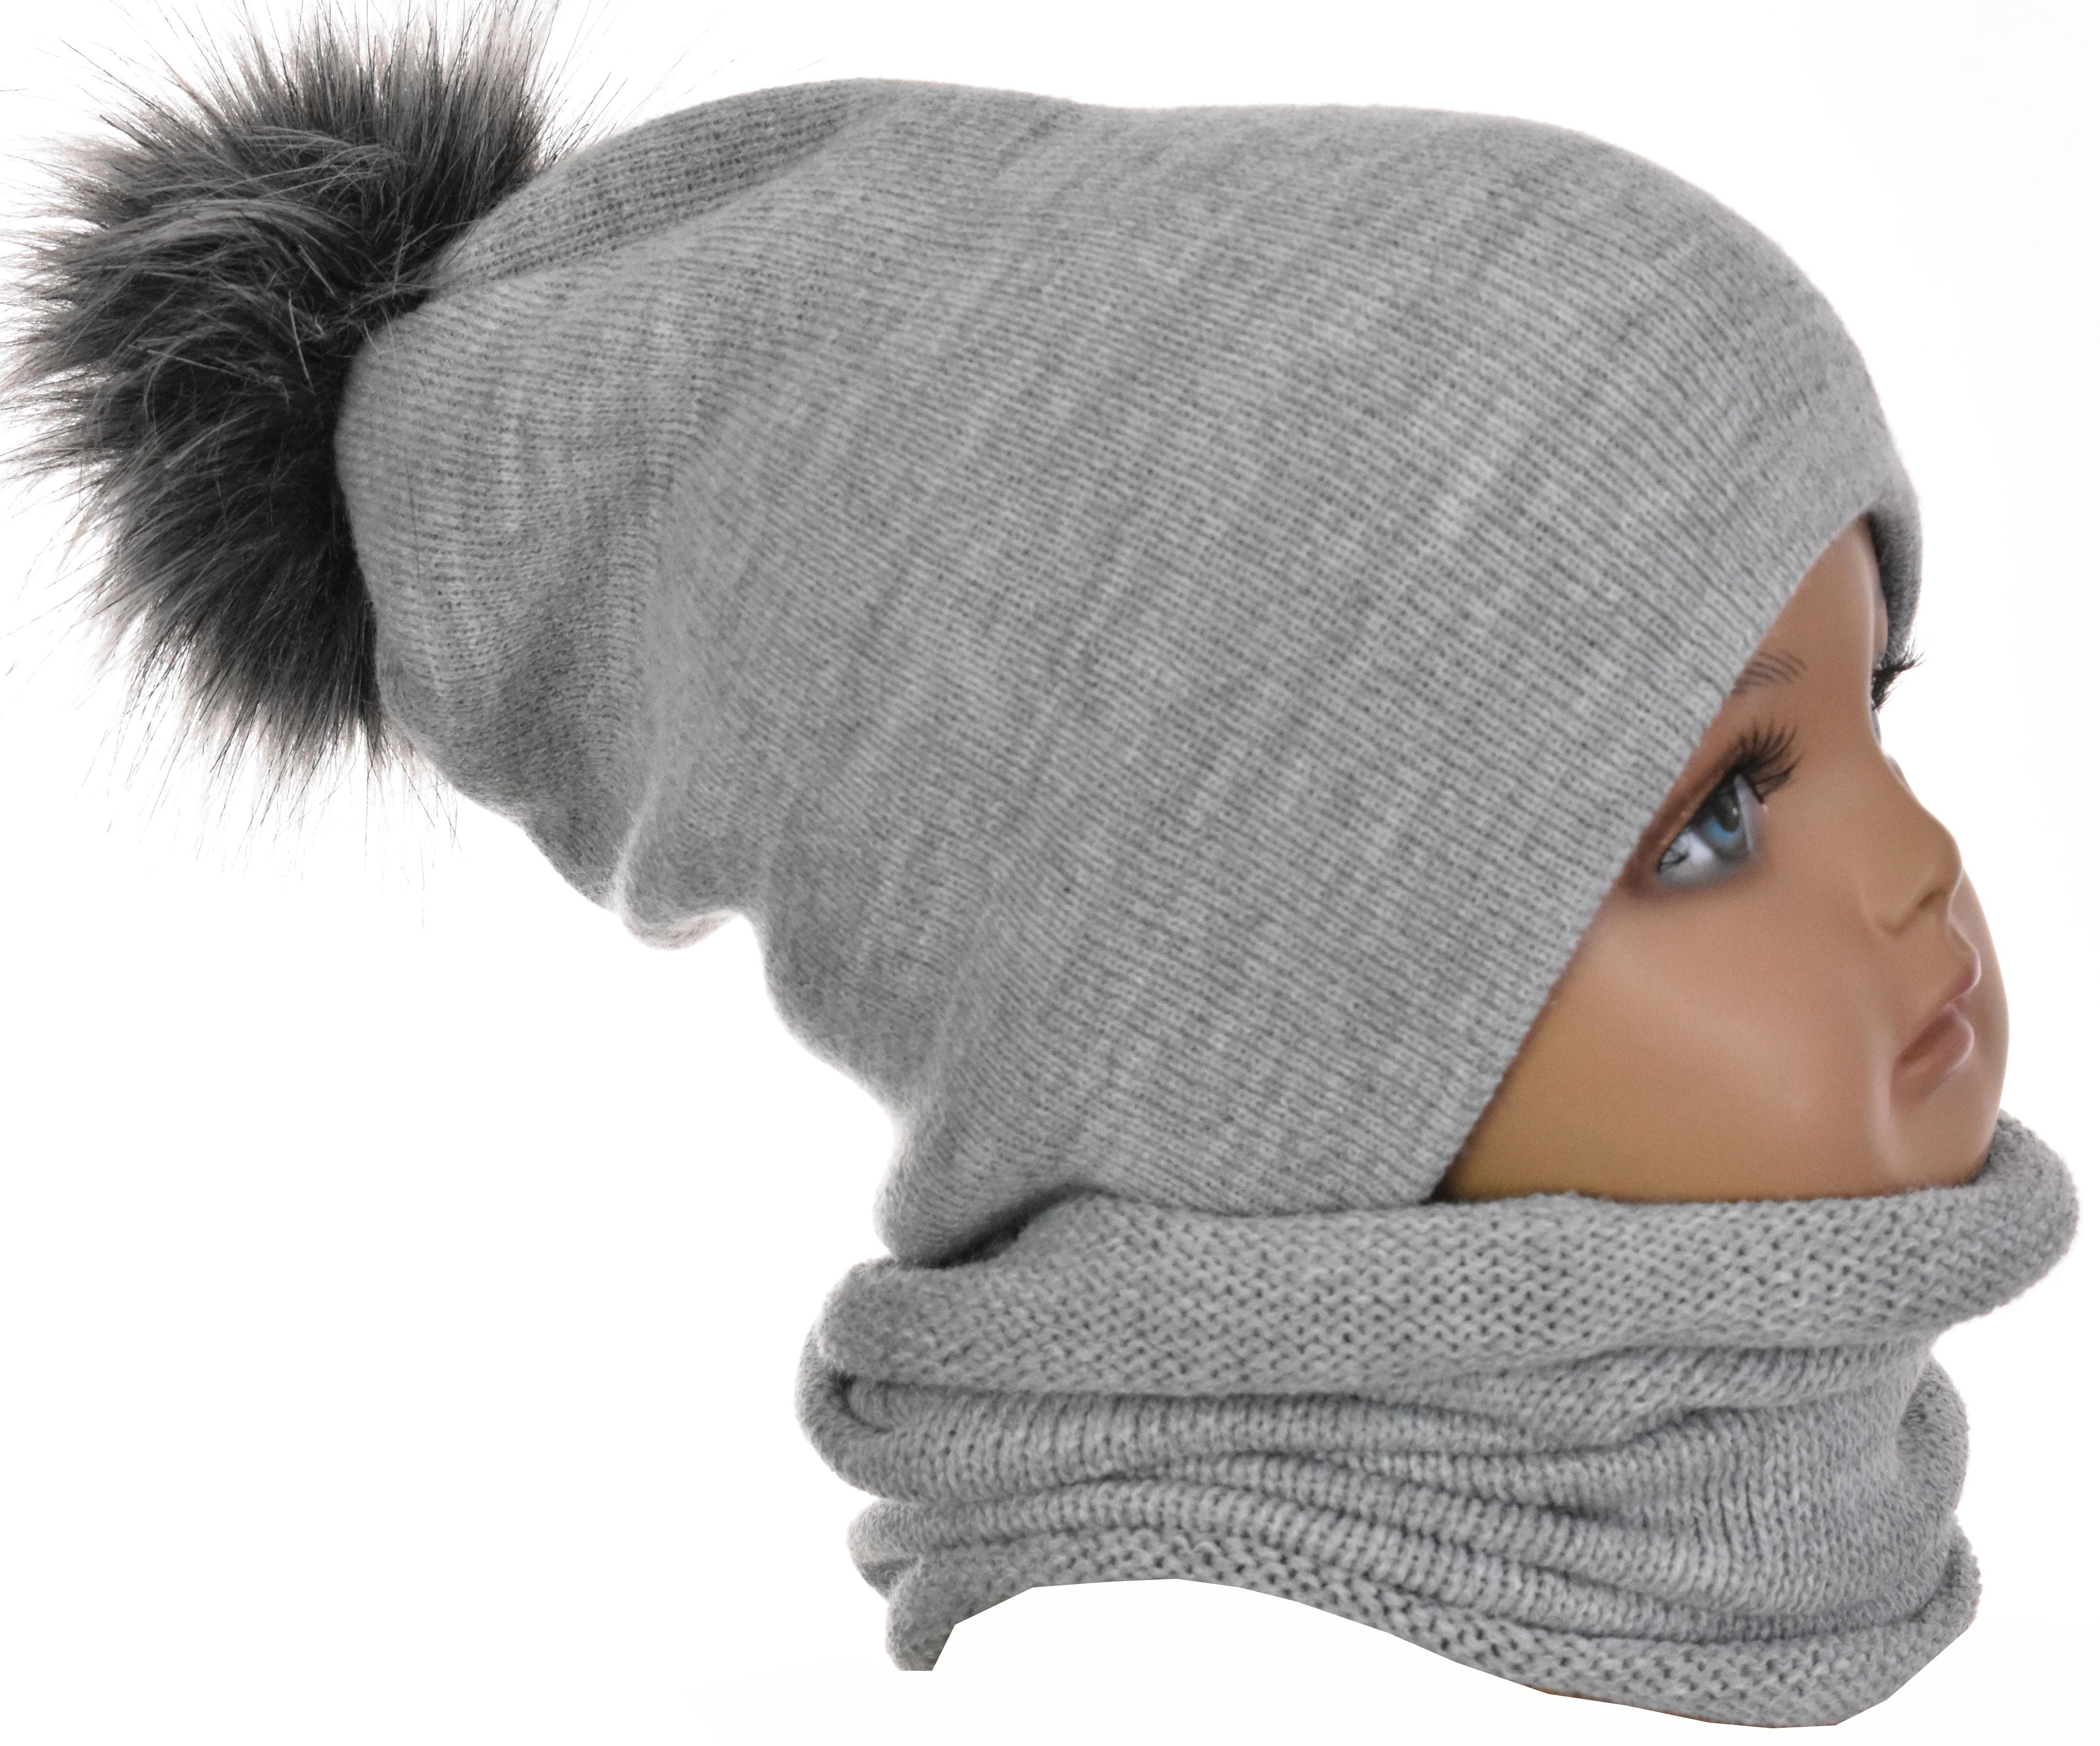 Inne rodzaje Komplet niemowlęcy czapka z pomponem futerkowym i komin szary 1026 AB49